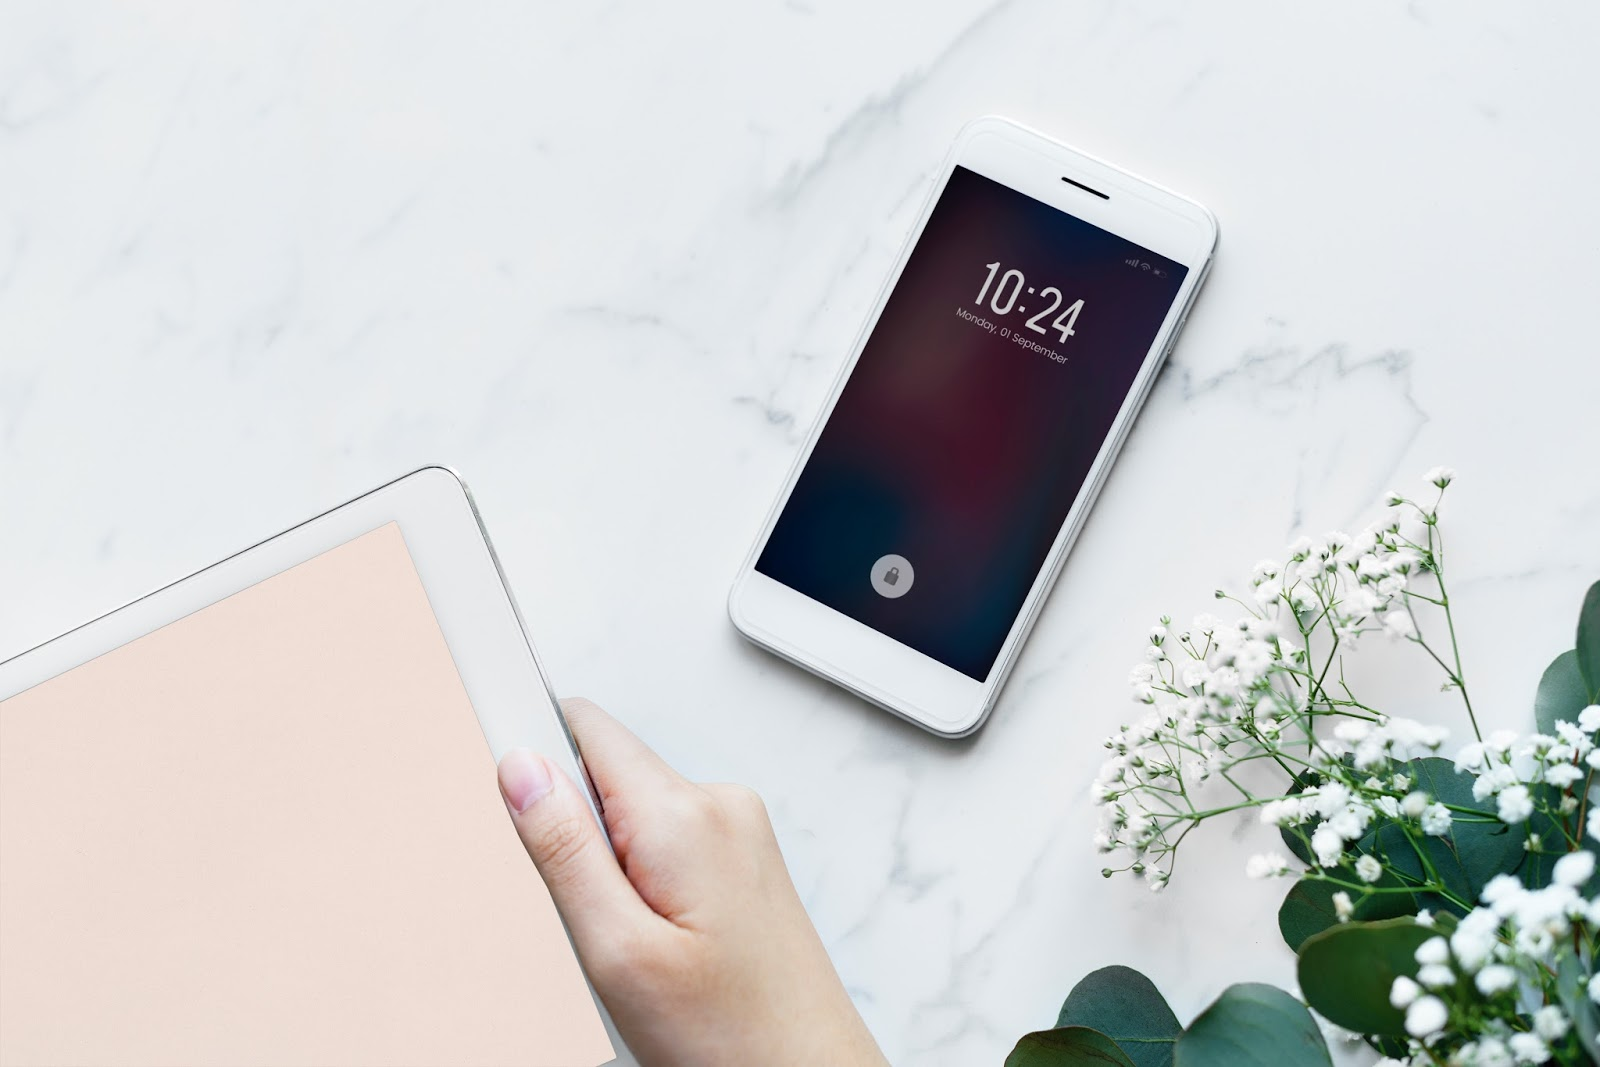 5 errori da non commettere sui social media, fashion's obsessions, blogging, come essere abili ed agili sui social media, come ottimizzare la permanenza su Facebook, come sfruttare al massimo Instagram, come realizzare dei contenuti efficaci per ogni social media, zaira d'urso, @zairadurso